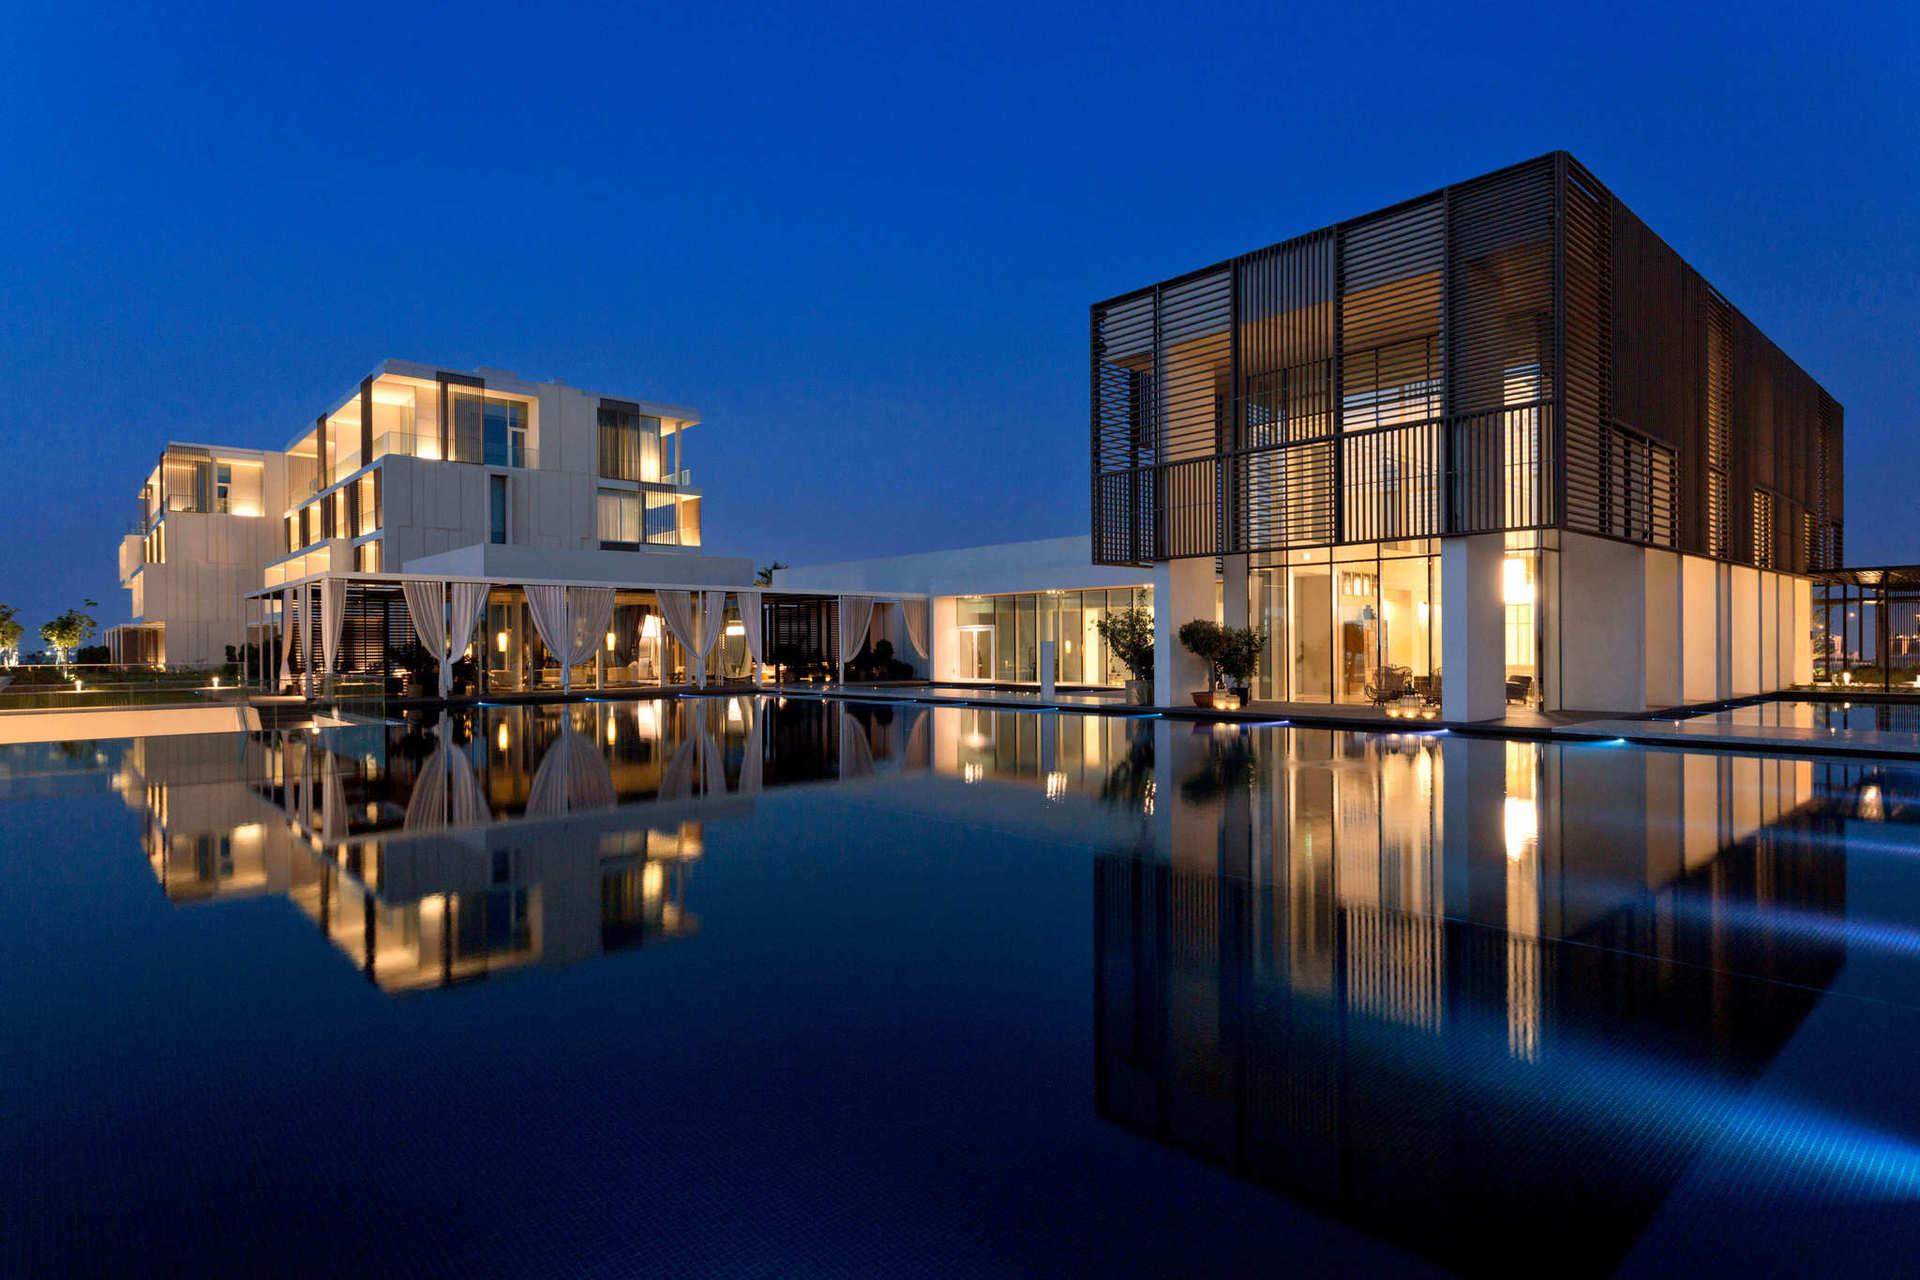 Современный дизайн отеля был разработан итальянским дизайнером Пьетро Лиссони, номера имеют необычно высокие потолки и панорамные окна.